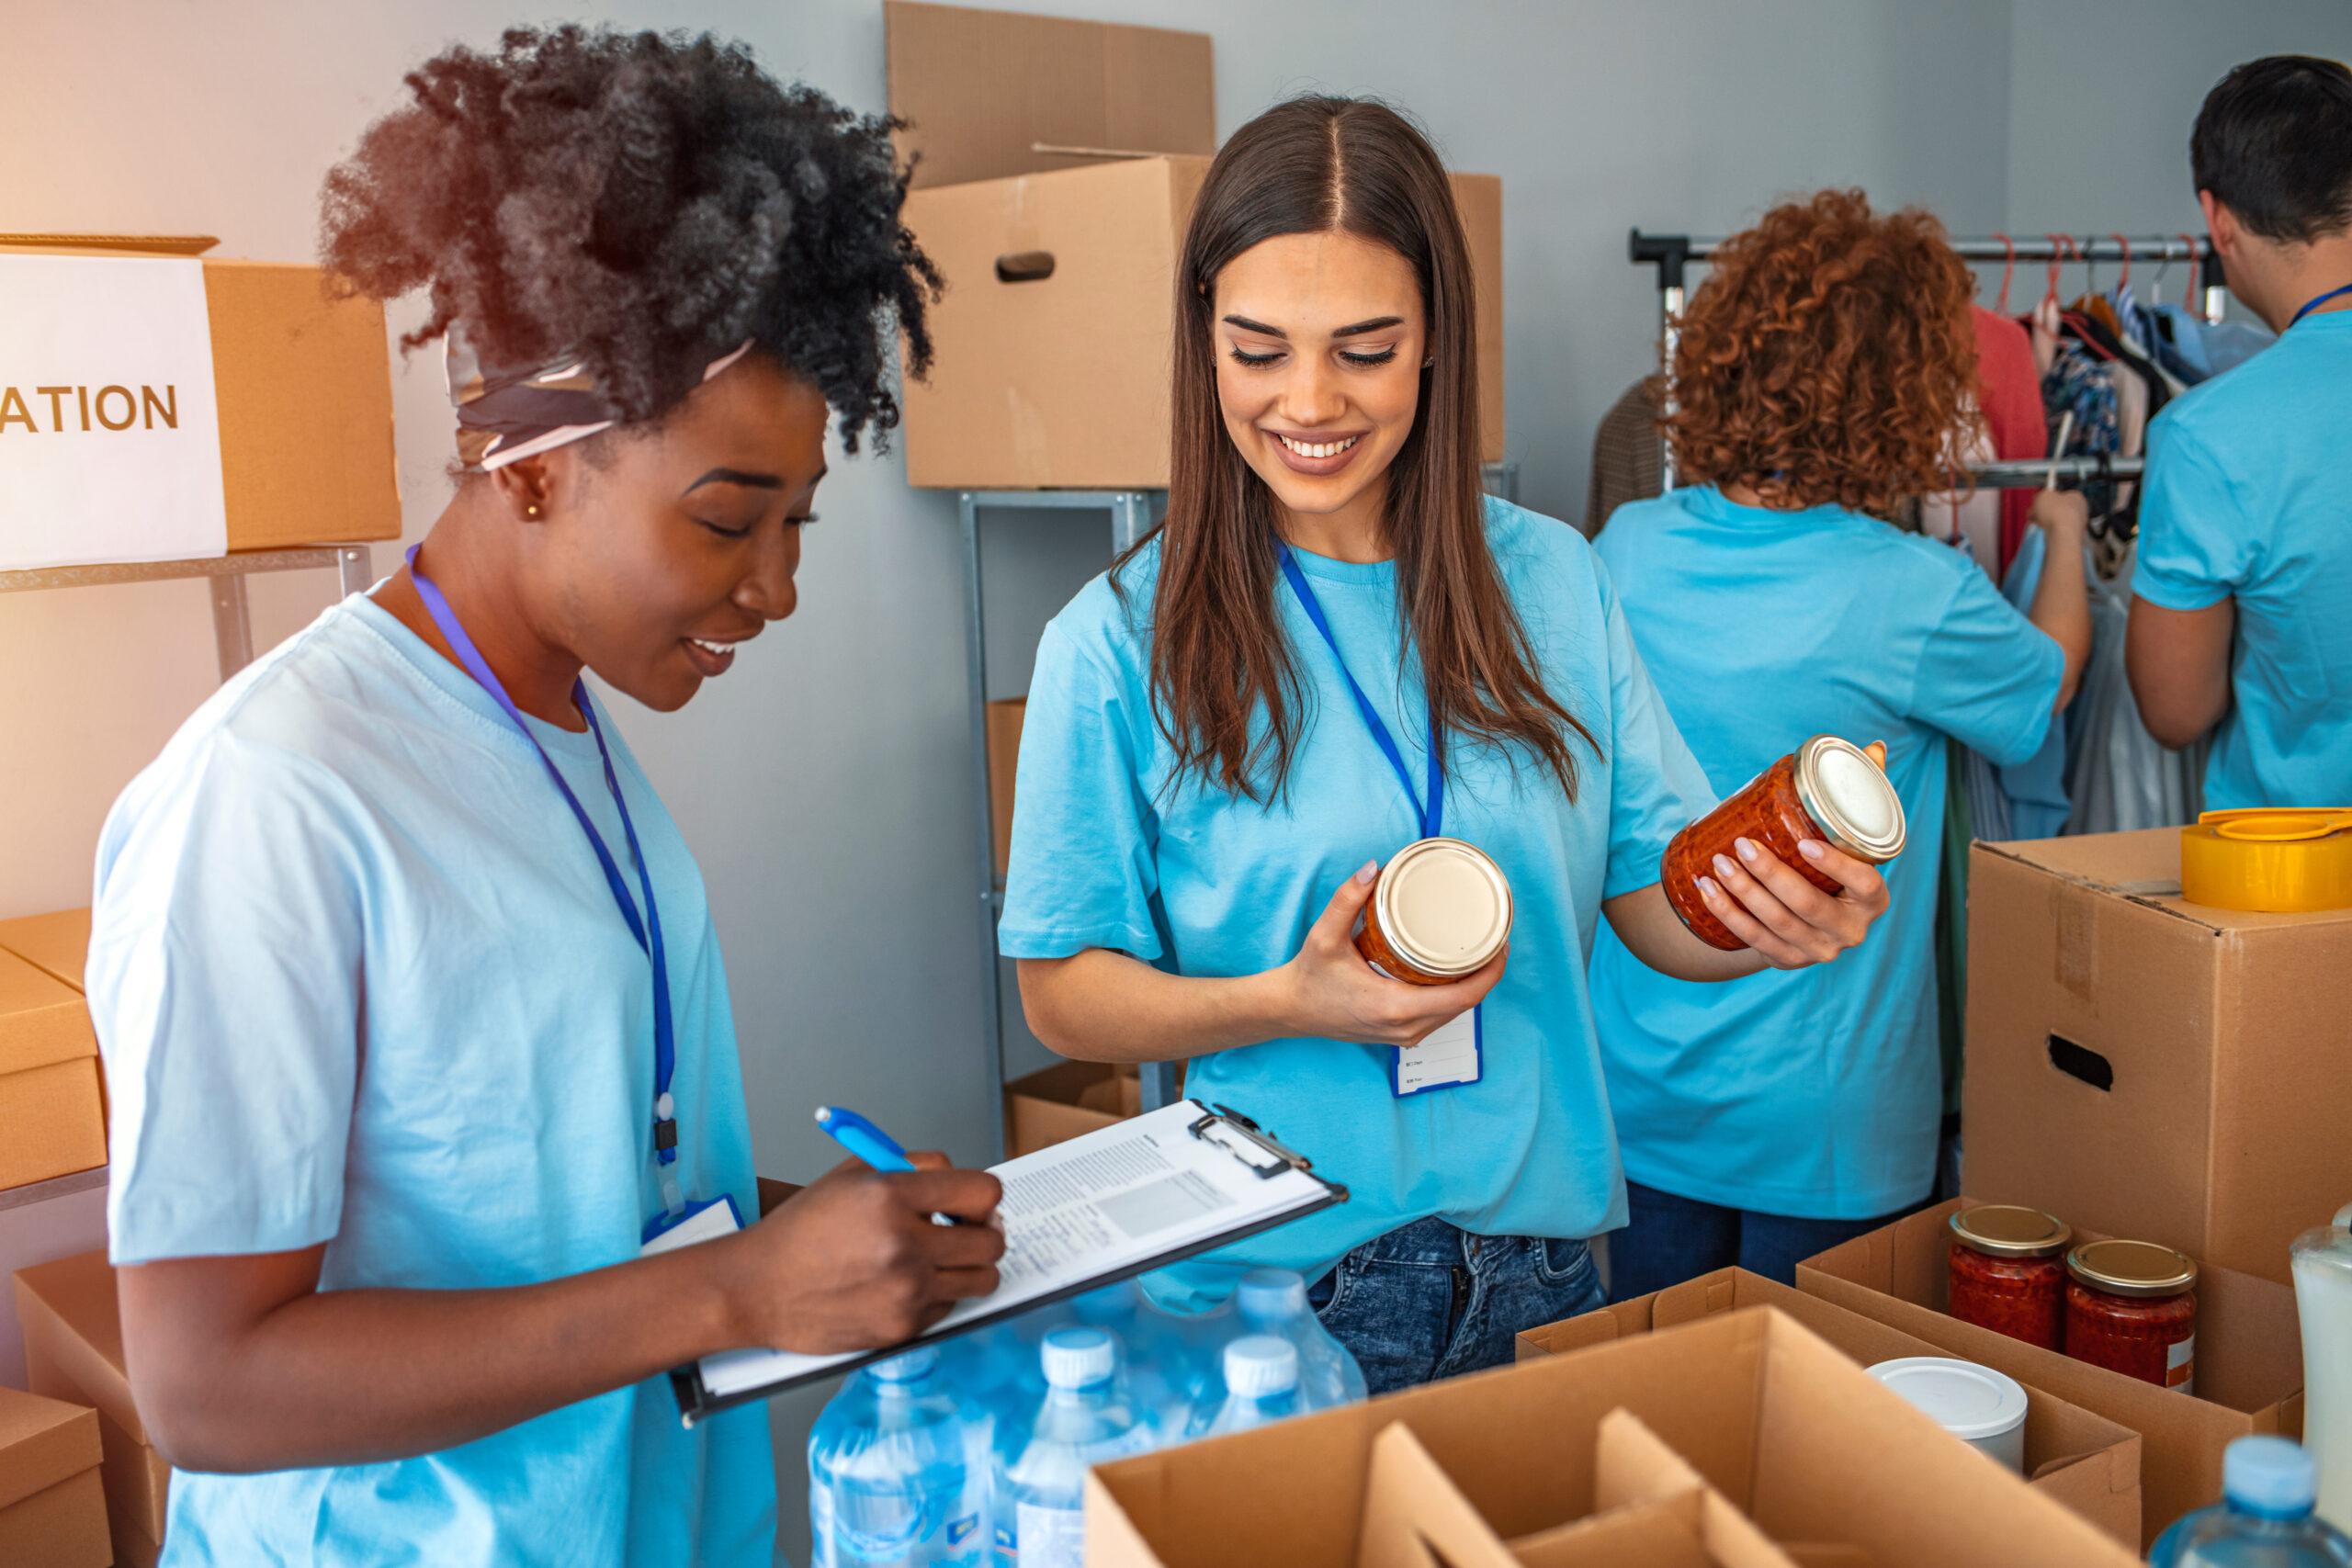 Young women volunteering